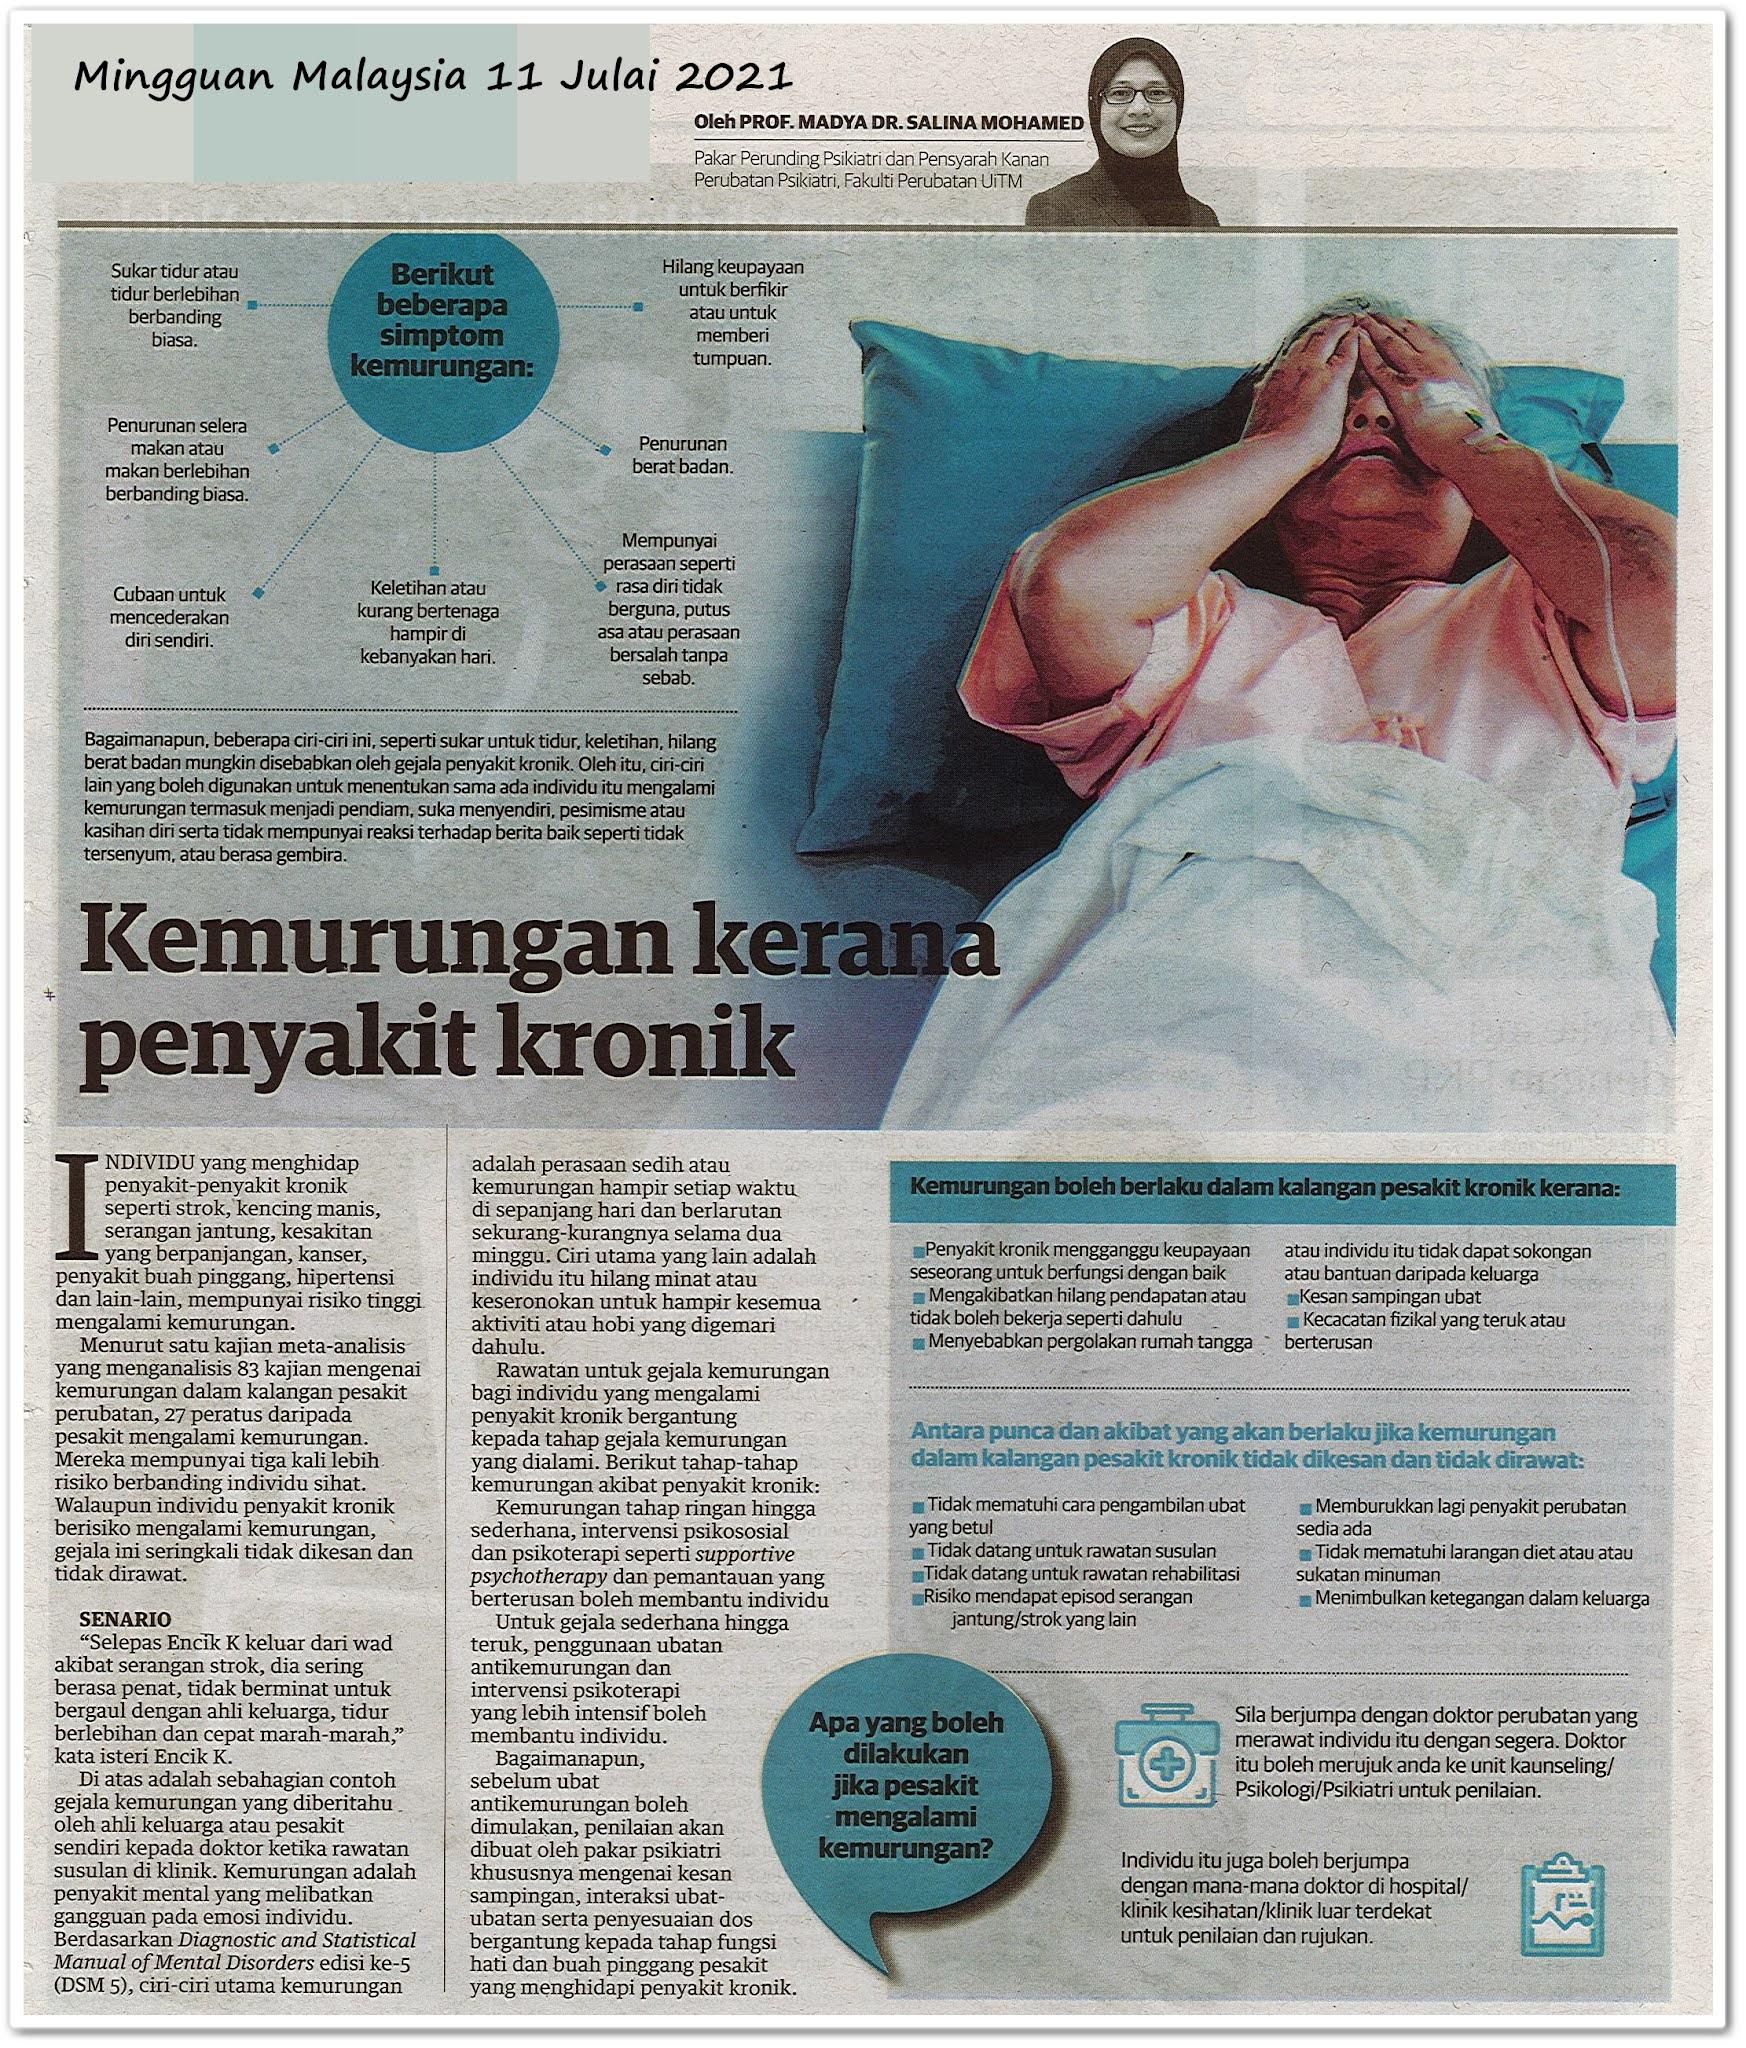 Kemurungan kerana penyakit kronik - Keratan akhbar Mingguan Malaysia 11 Julai 2021